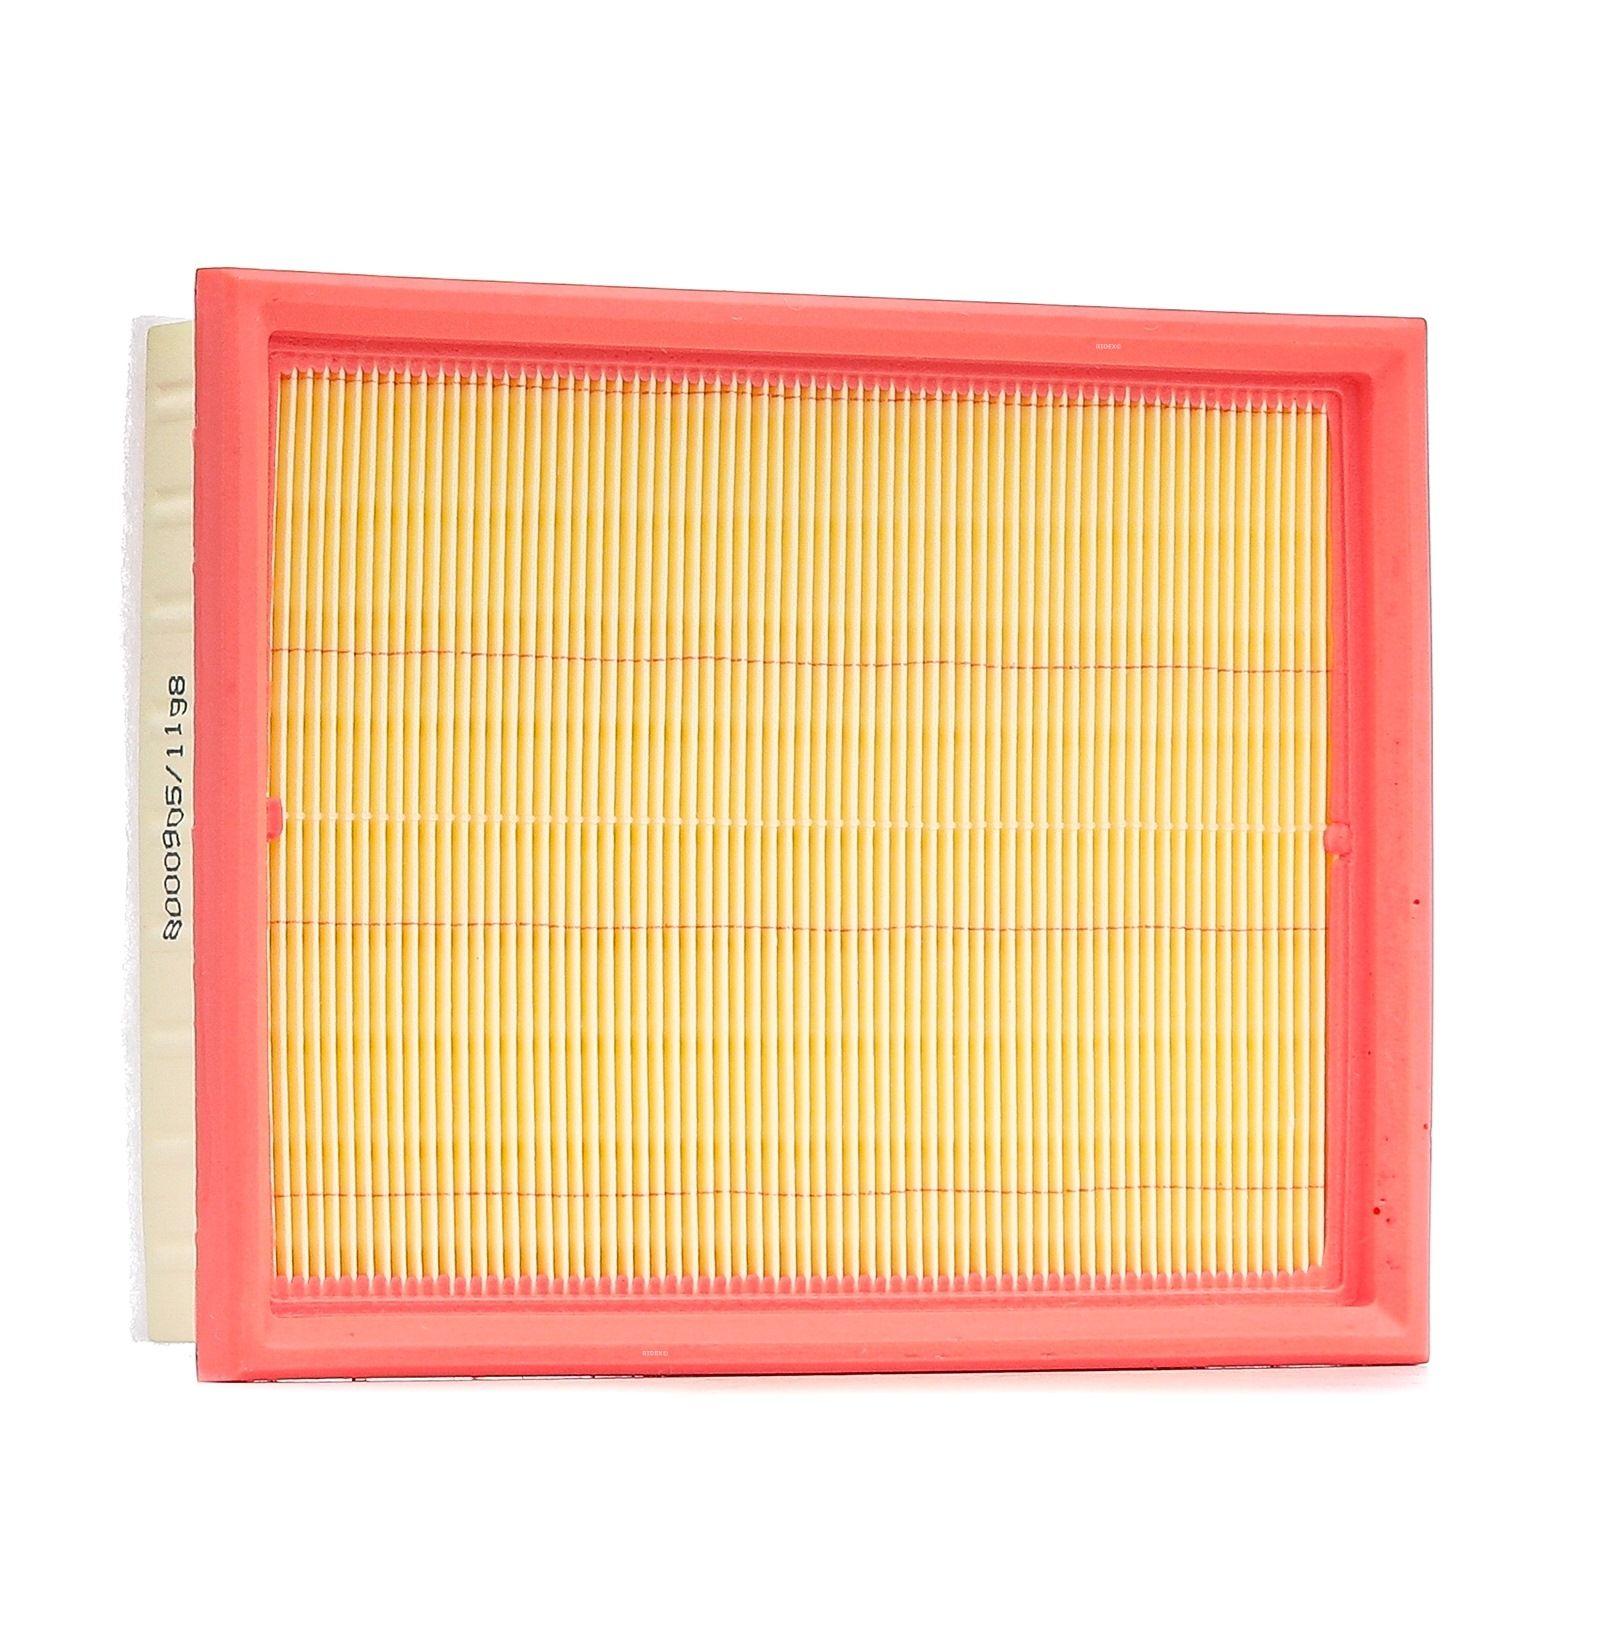 Original Zracni filter 8A0088 Chevy